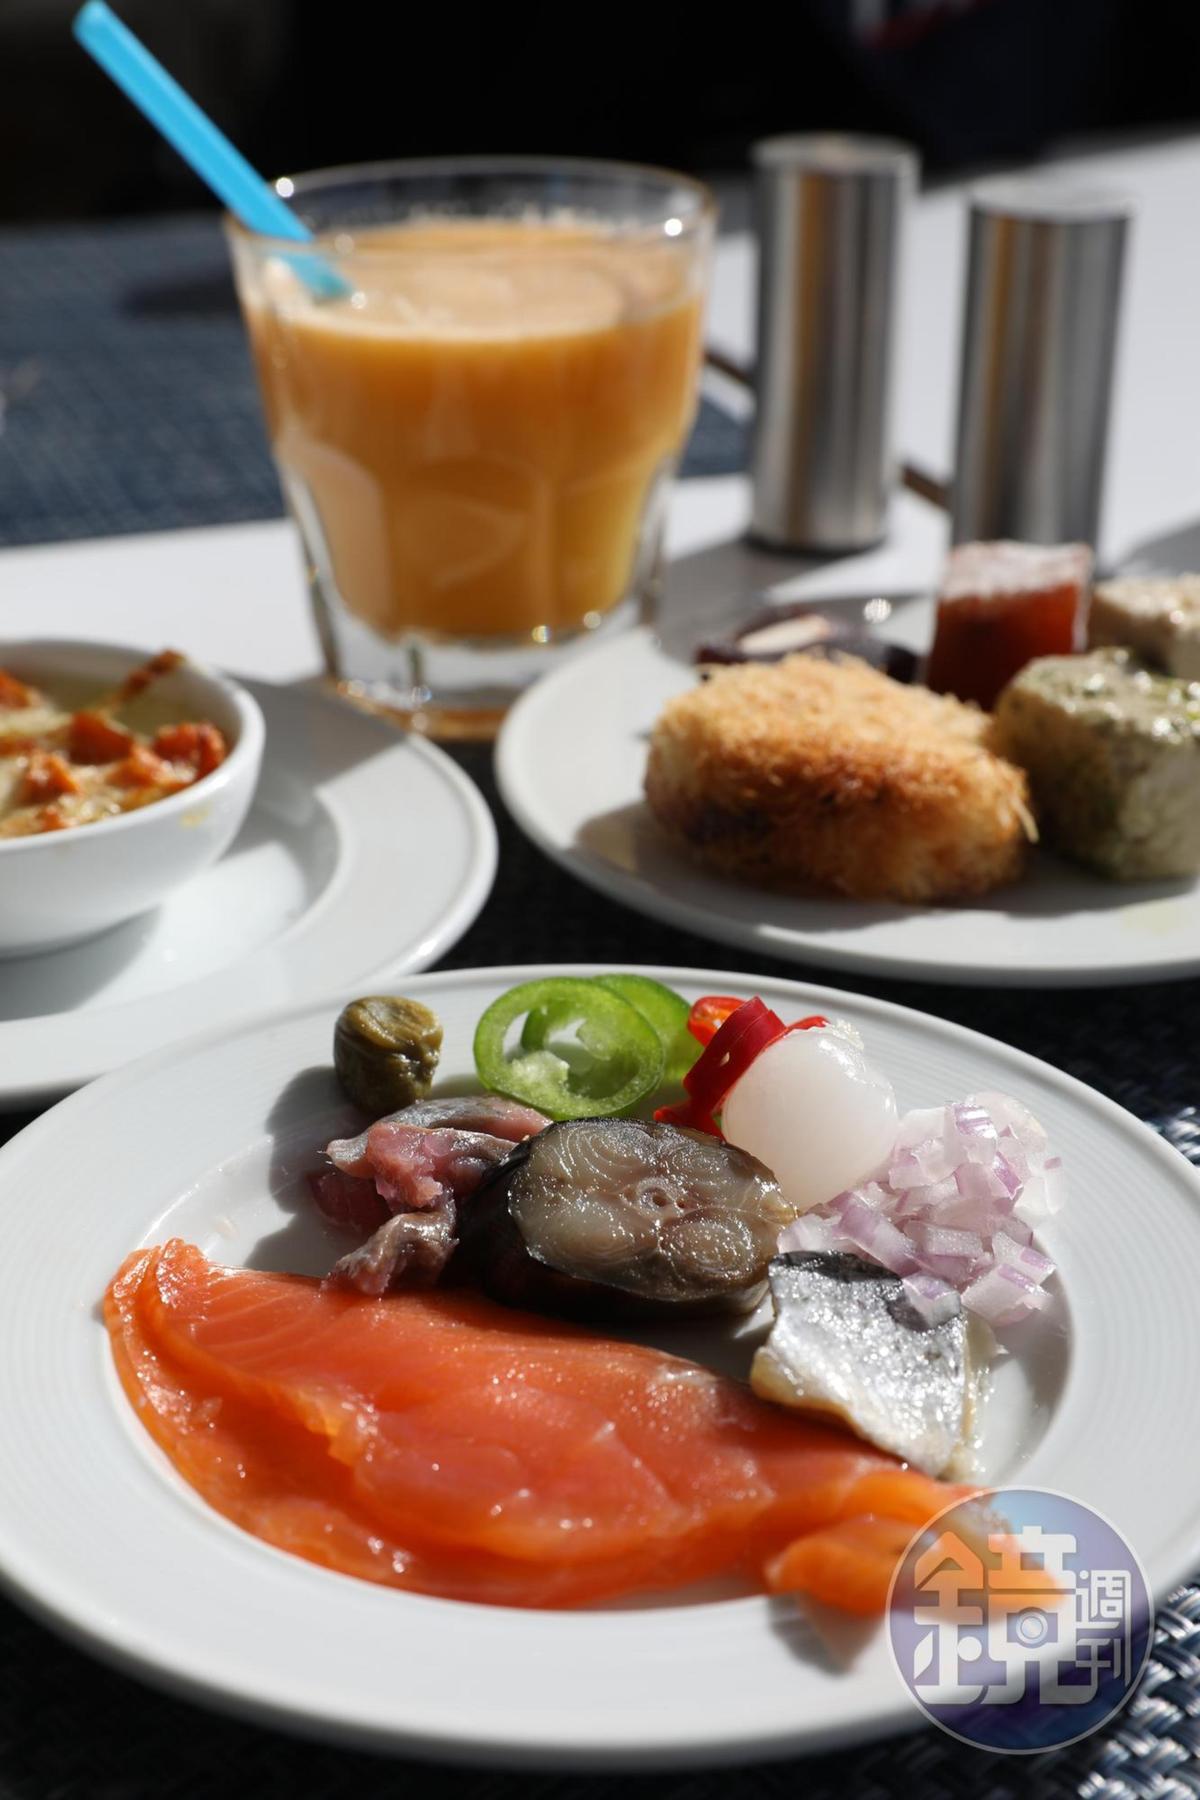 早餐非常多樣,當地人喜愛的醃漬魚類、中東風味特色甜點,應有盡有,在陽光映照下享用,很有異國感。